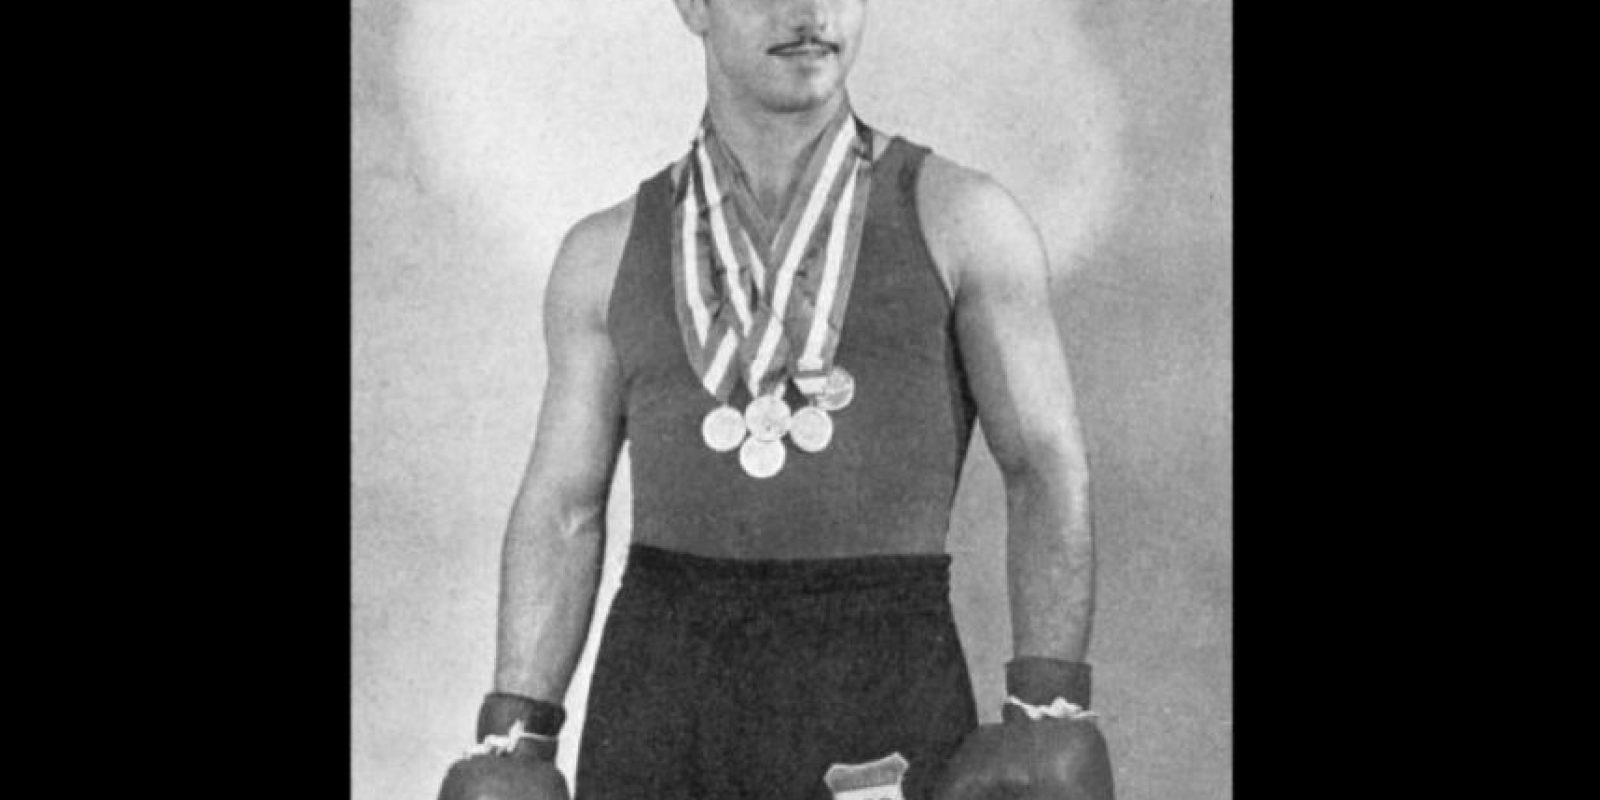 El húngaro ganó tres medallas olímpicas y en el sector profesional consiguió 27 triunfos y dos empates Foto:Twitter